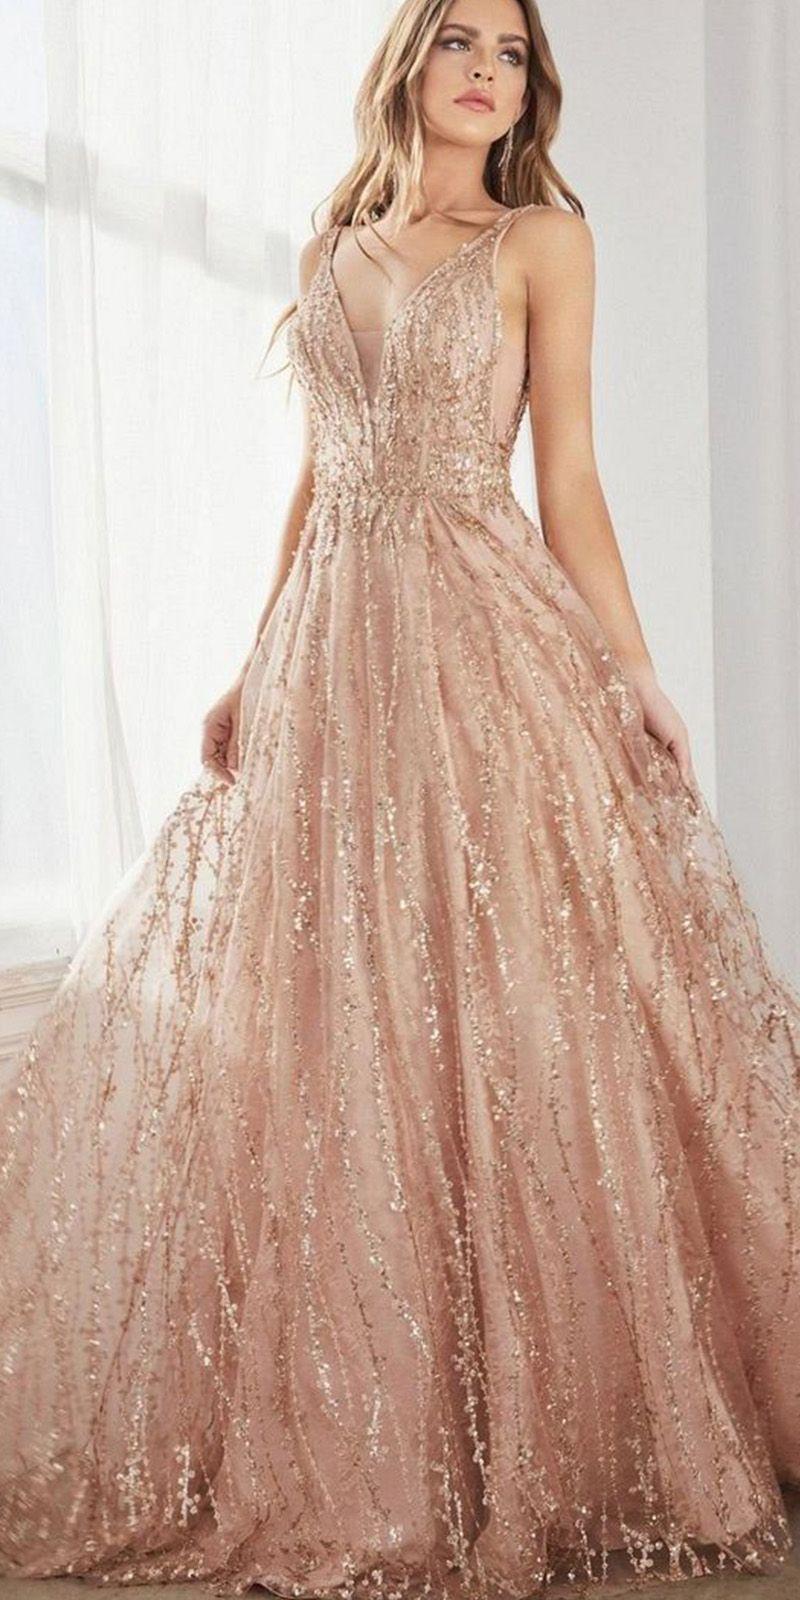 16++ Rose gold wedding dress ideas info